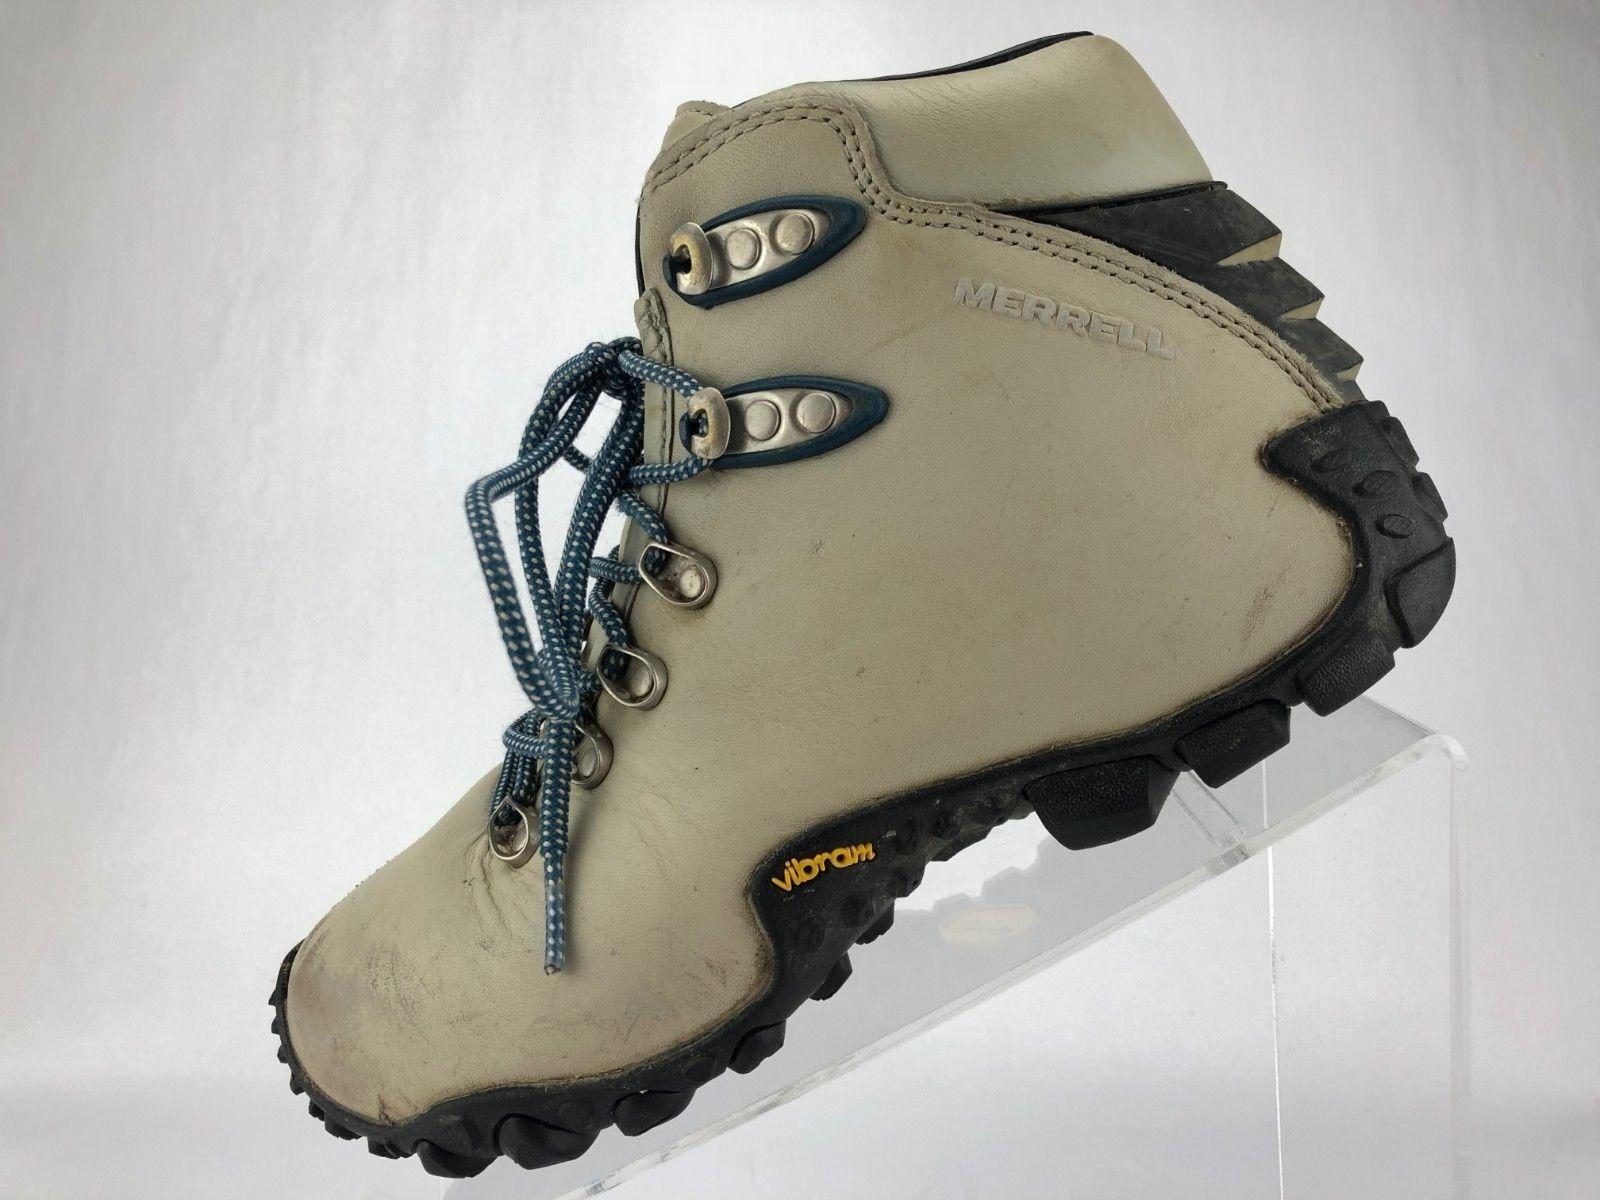 Merrell Desierto botas Senderismo evolución Todo Terreno  Trail Zapatos para mujer 7 Bone  online al mejor precio